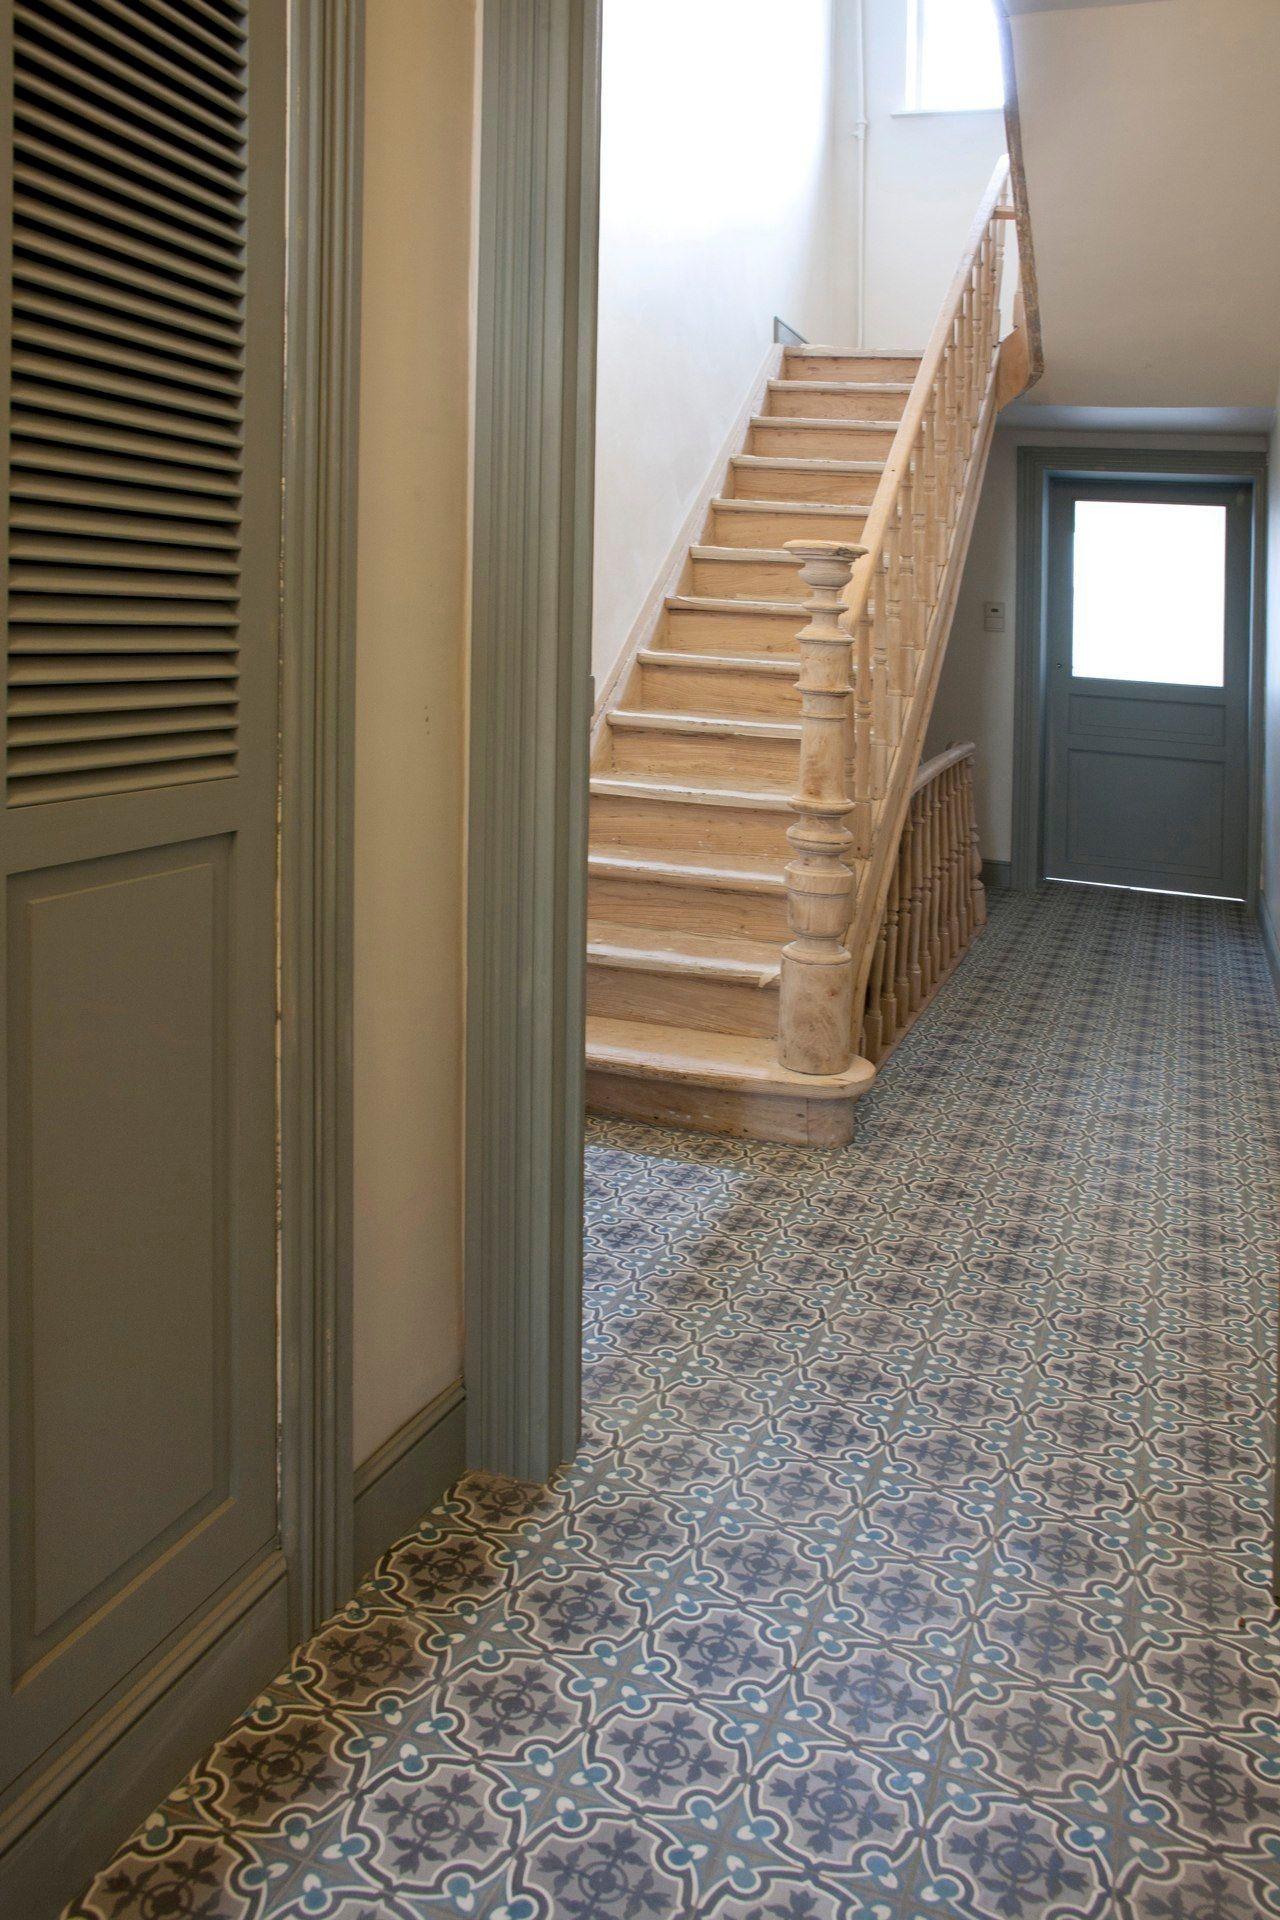 Tile Carreaudeciment Carreau De Ciment Sol Decoration Cement